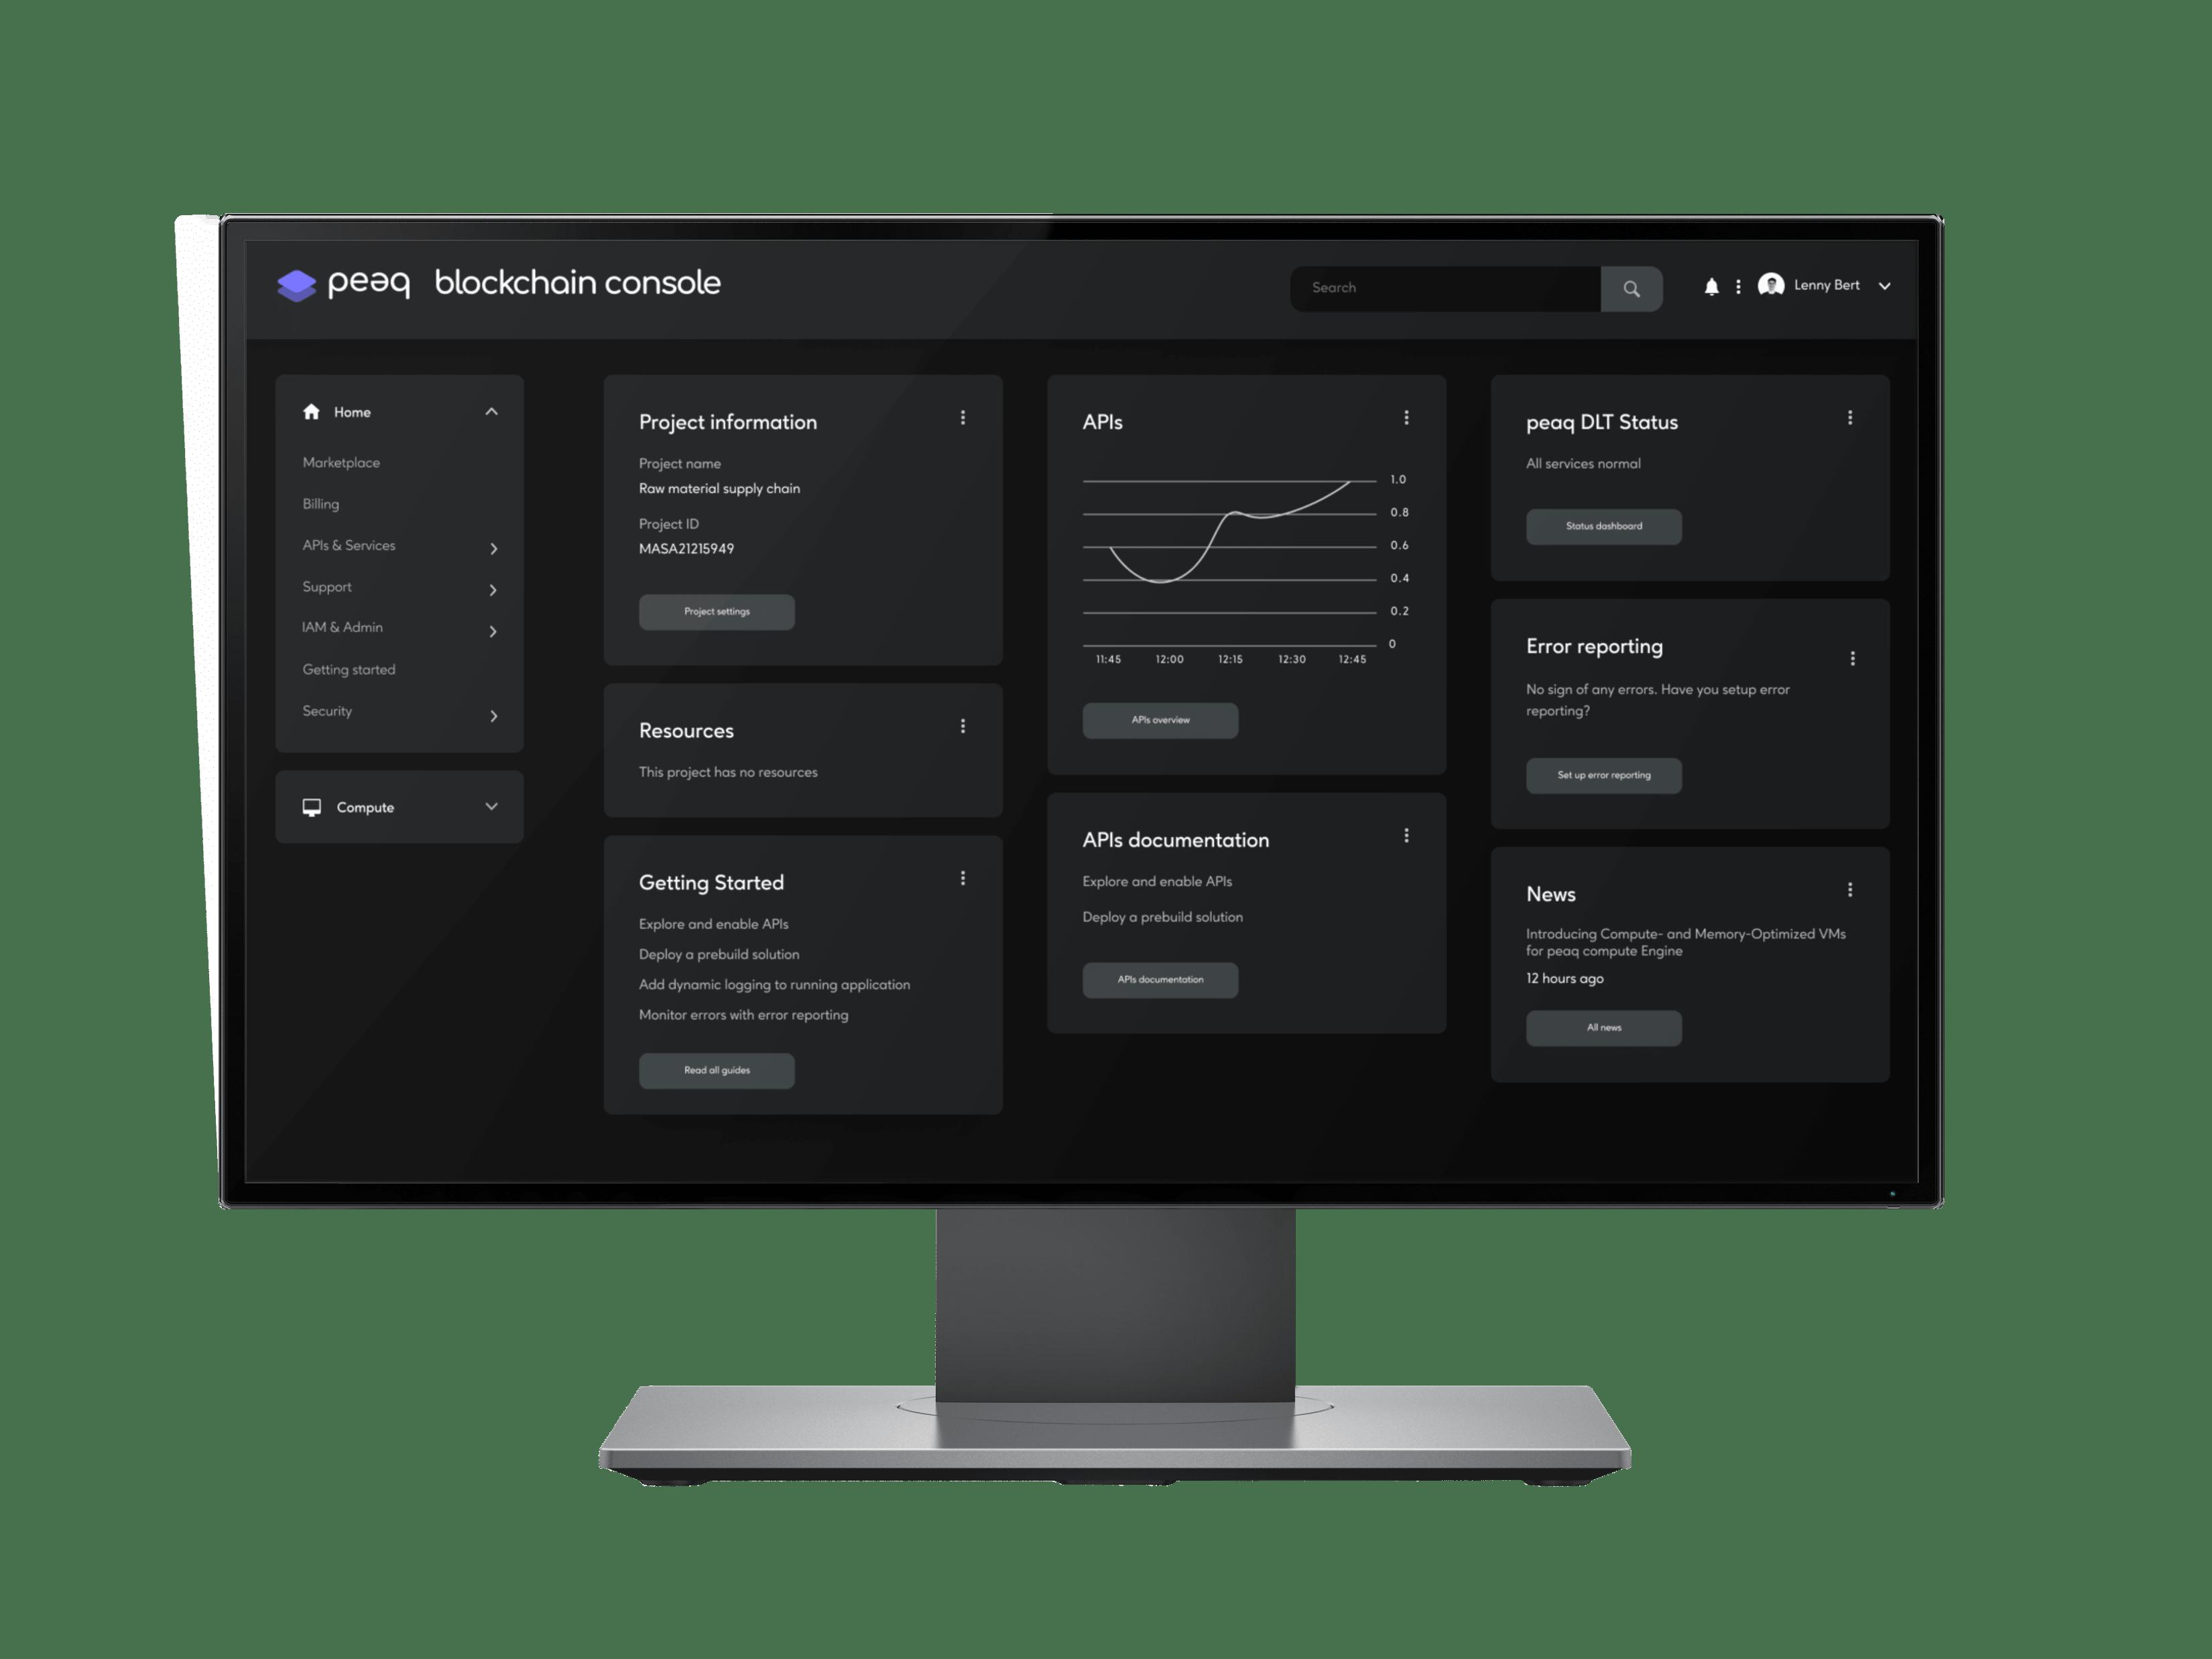 peaq blockchain console